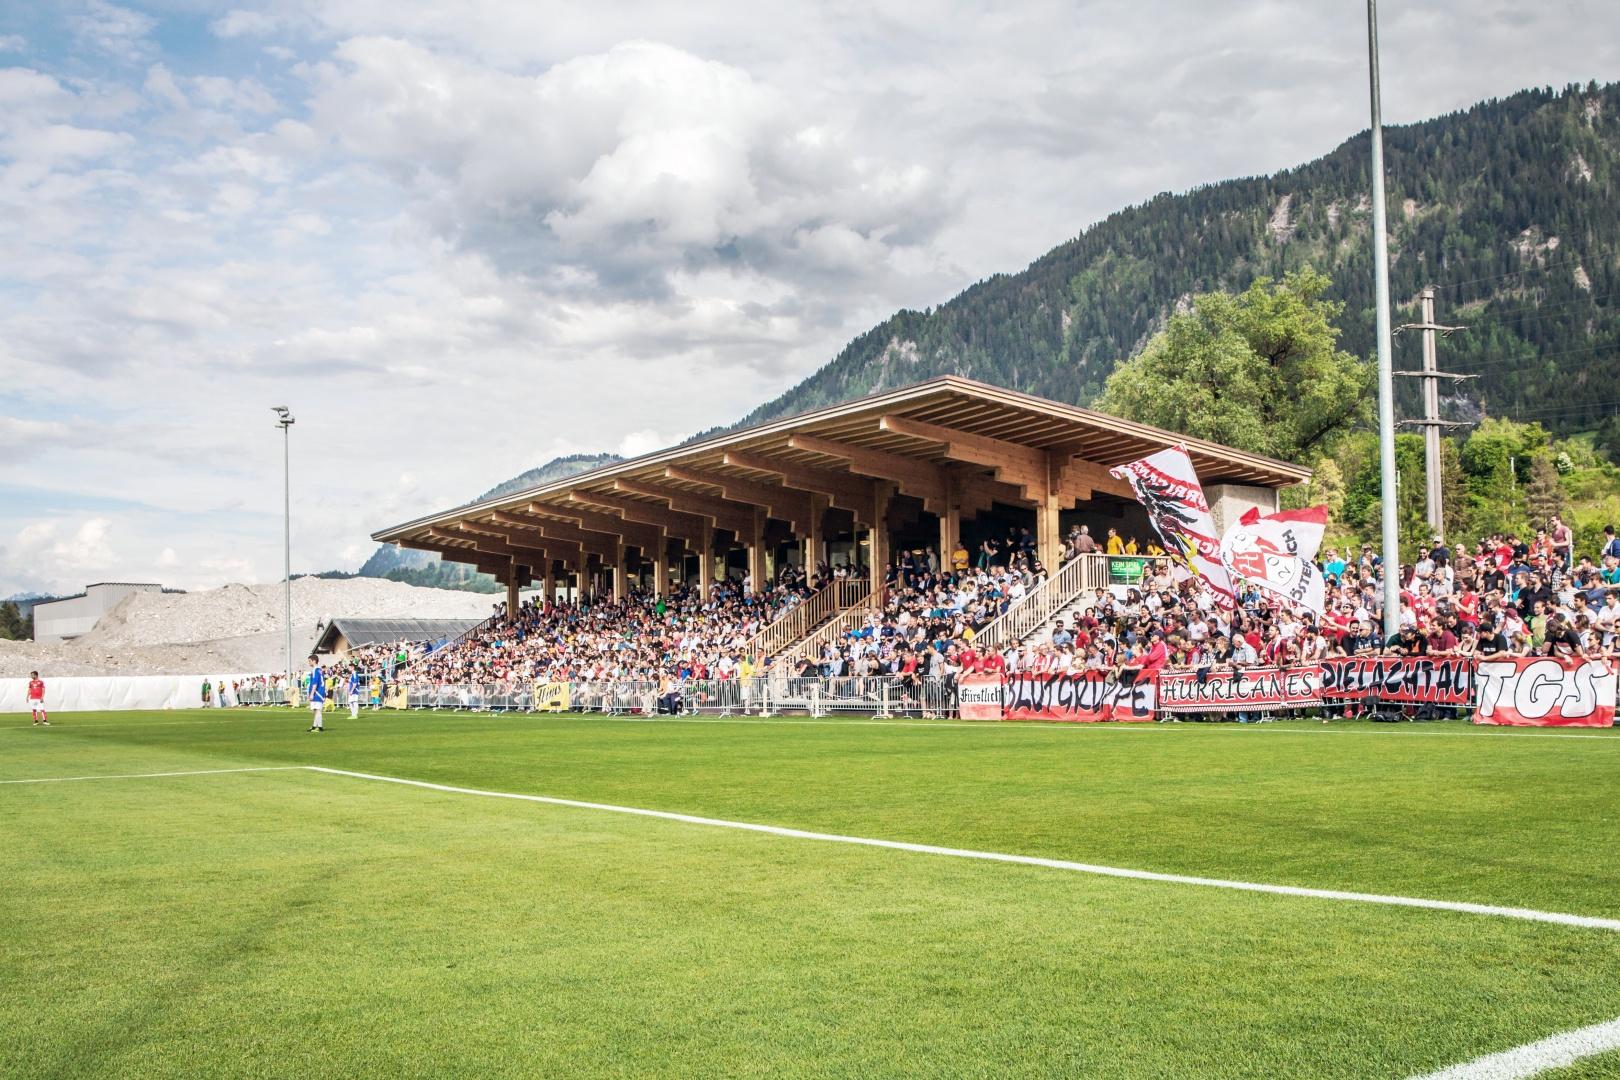 Freundschaftsspiel zwischen der Nationalmannschaft von Österreich und dem US Schluein Ilanz, während des Vorbereitungstrainingslager zur EM © US Schluein Ilanz